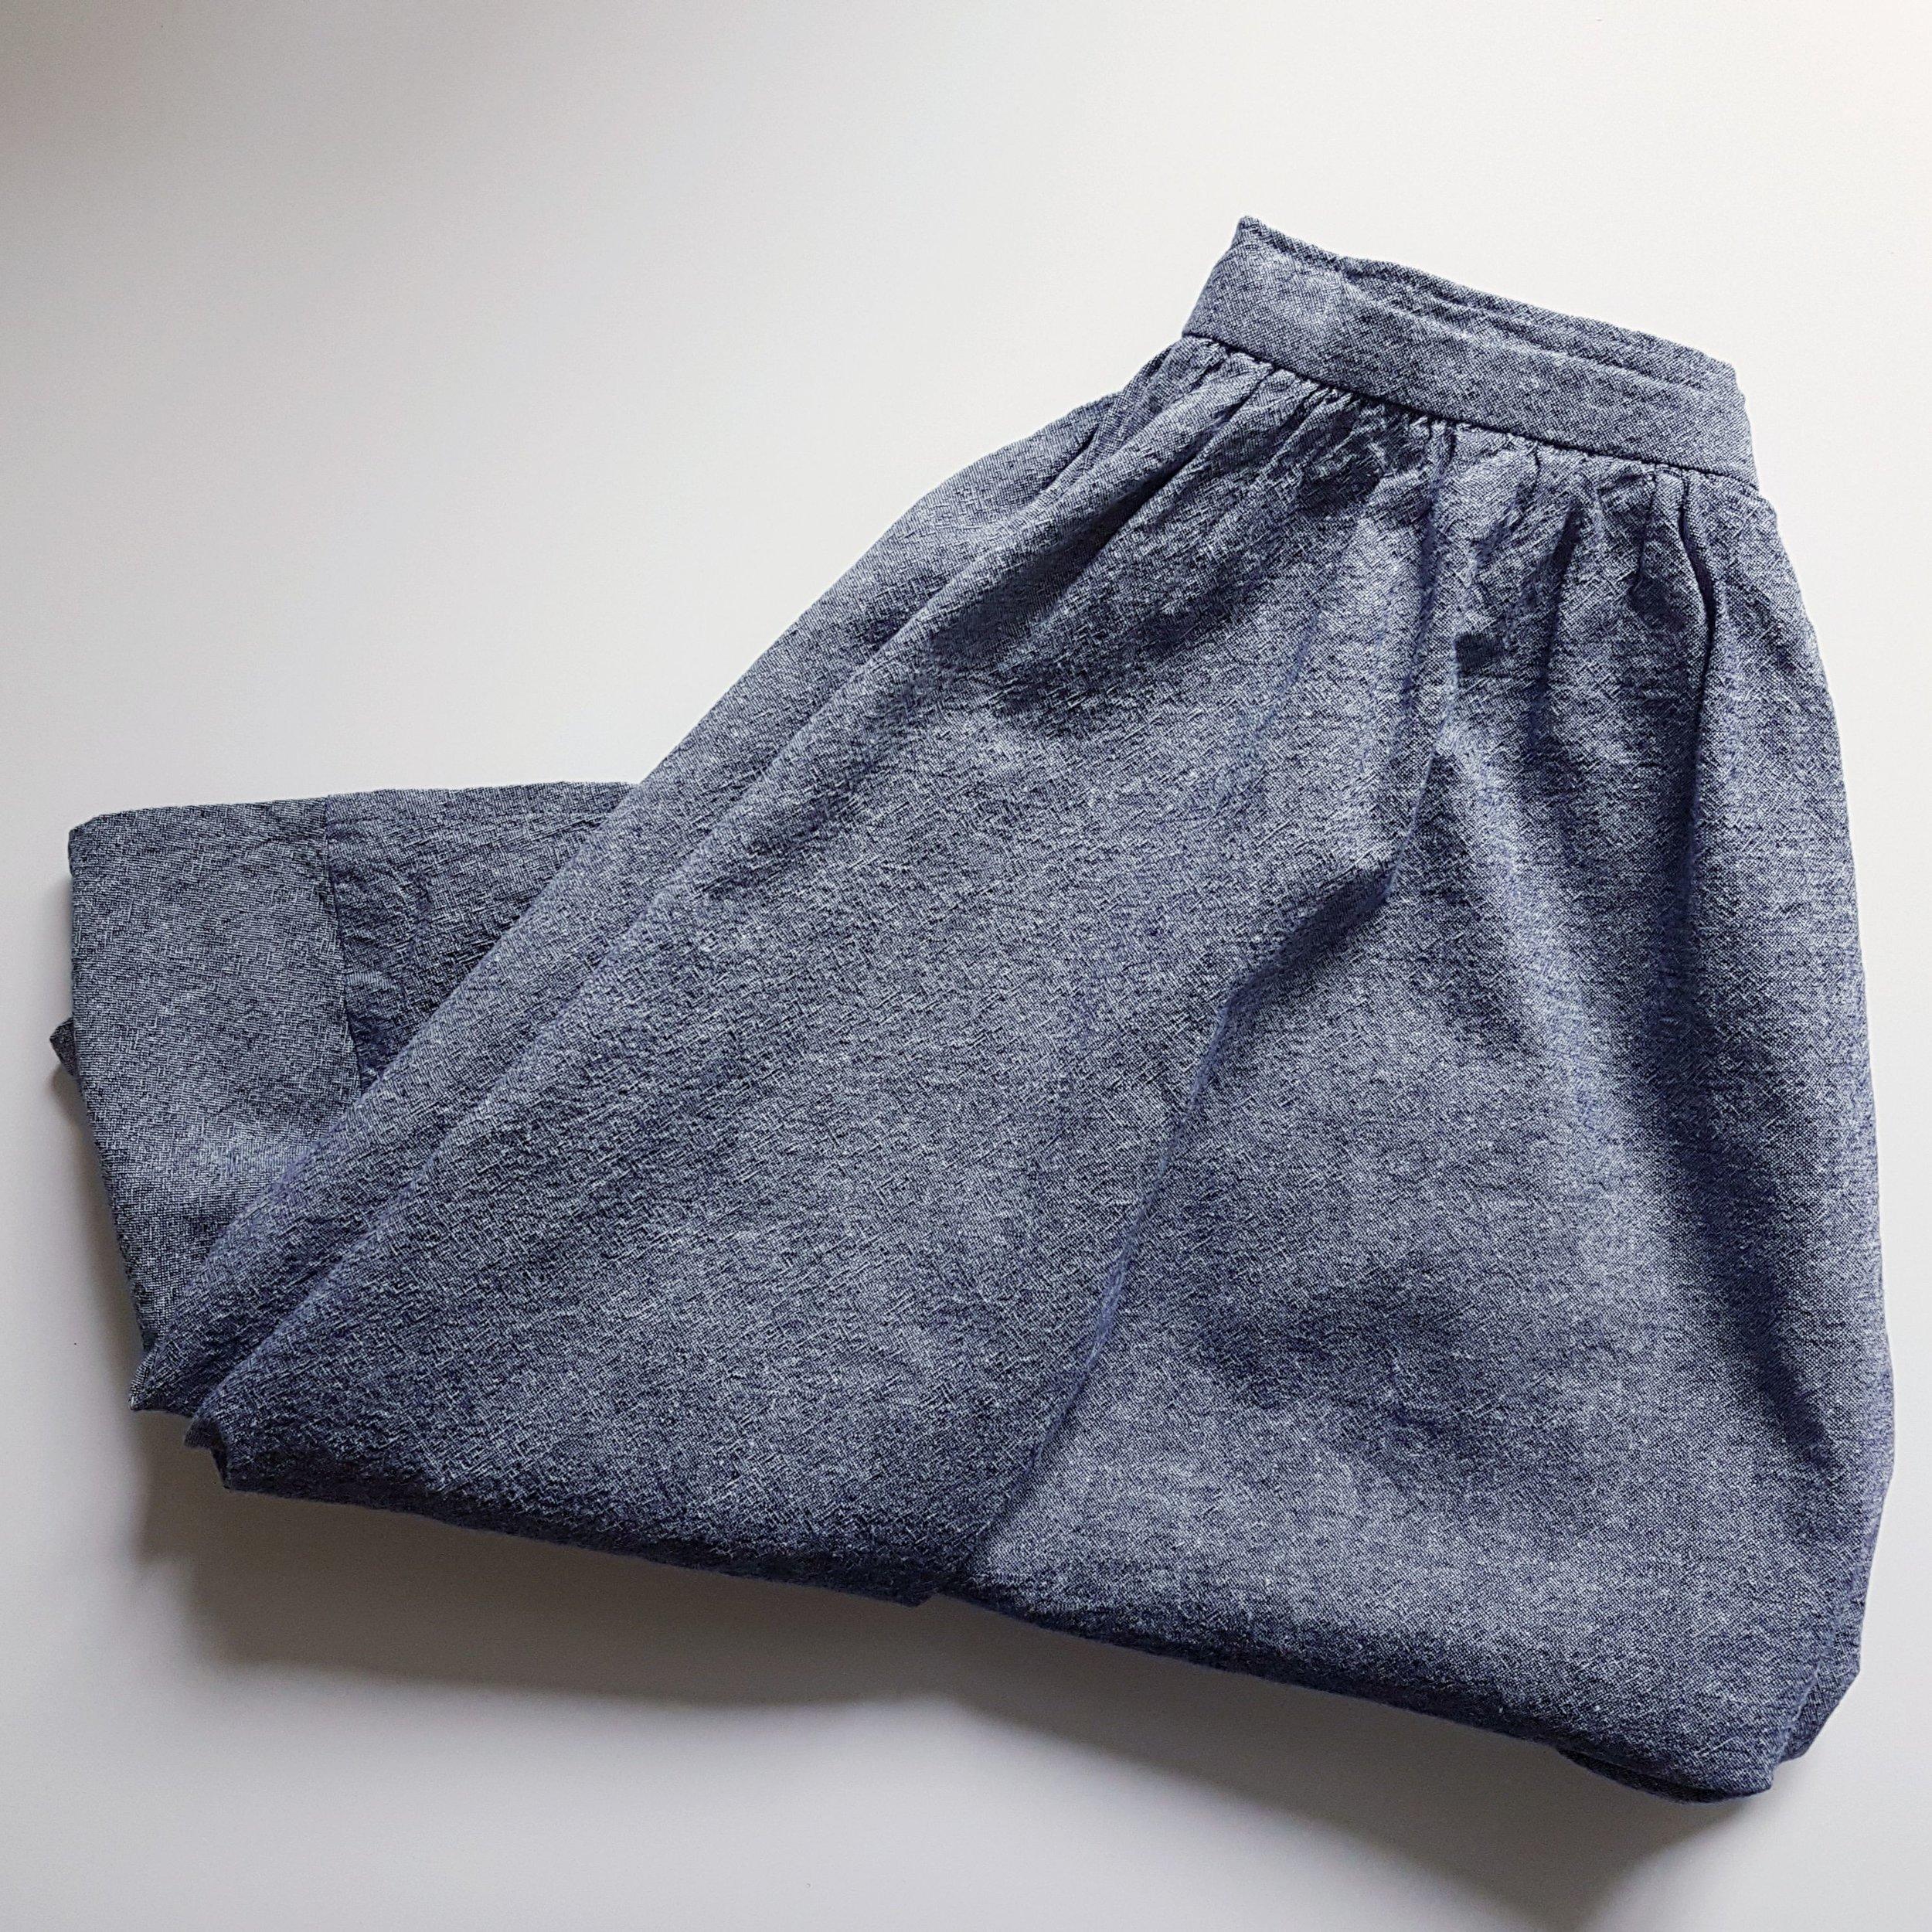 Zinnia Skirt in Robert Kaufmann Chambray Linen